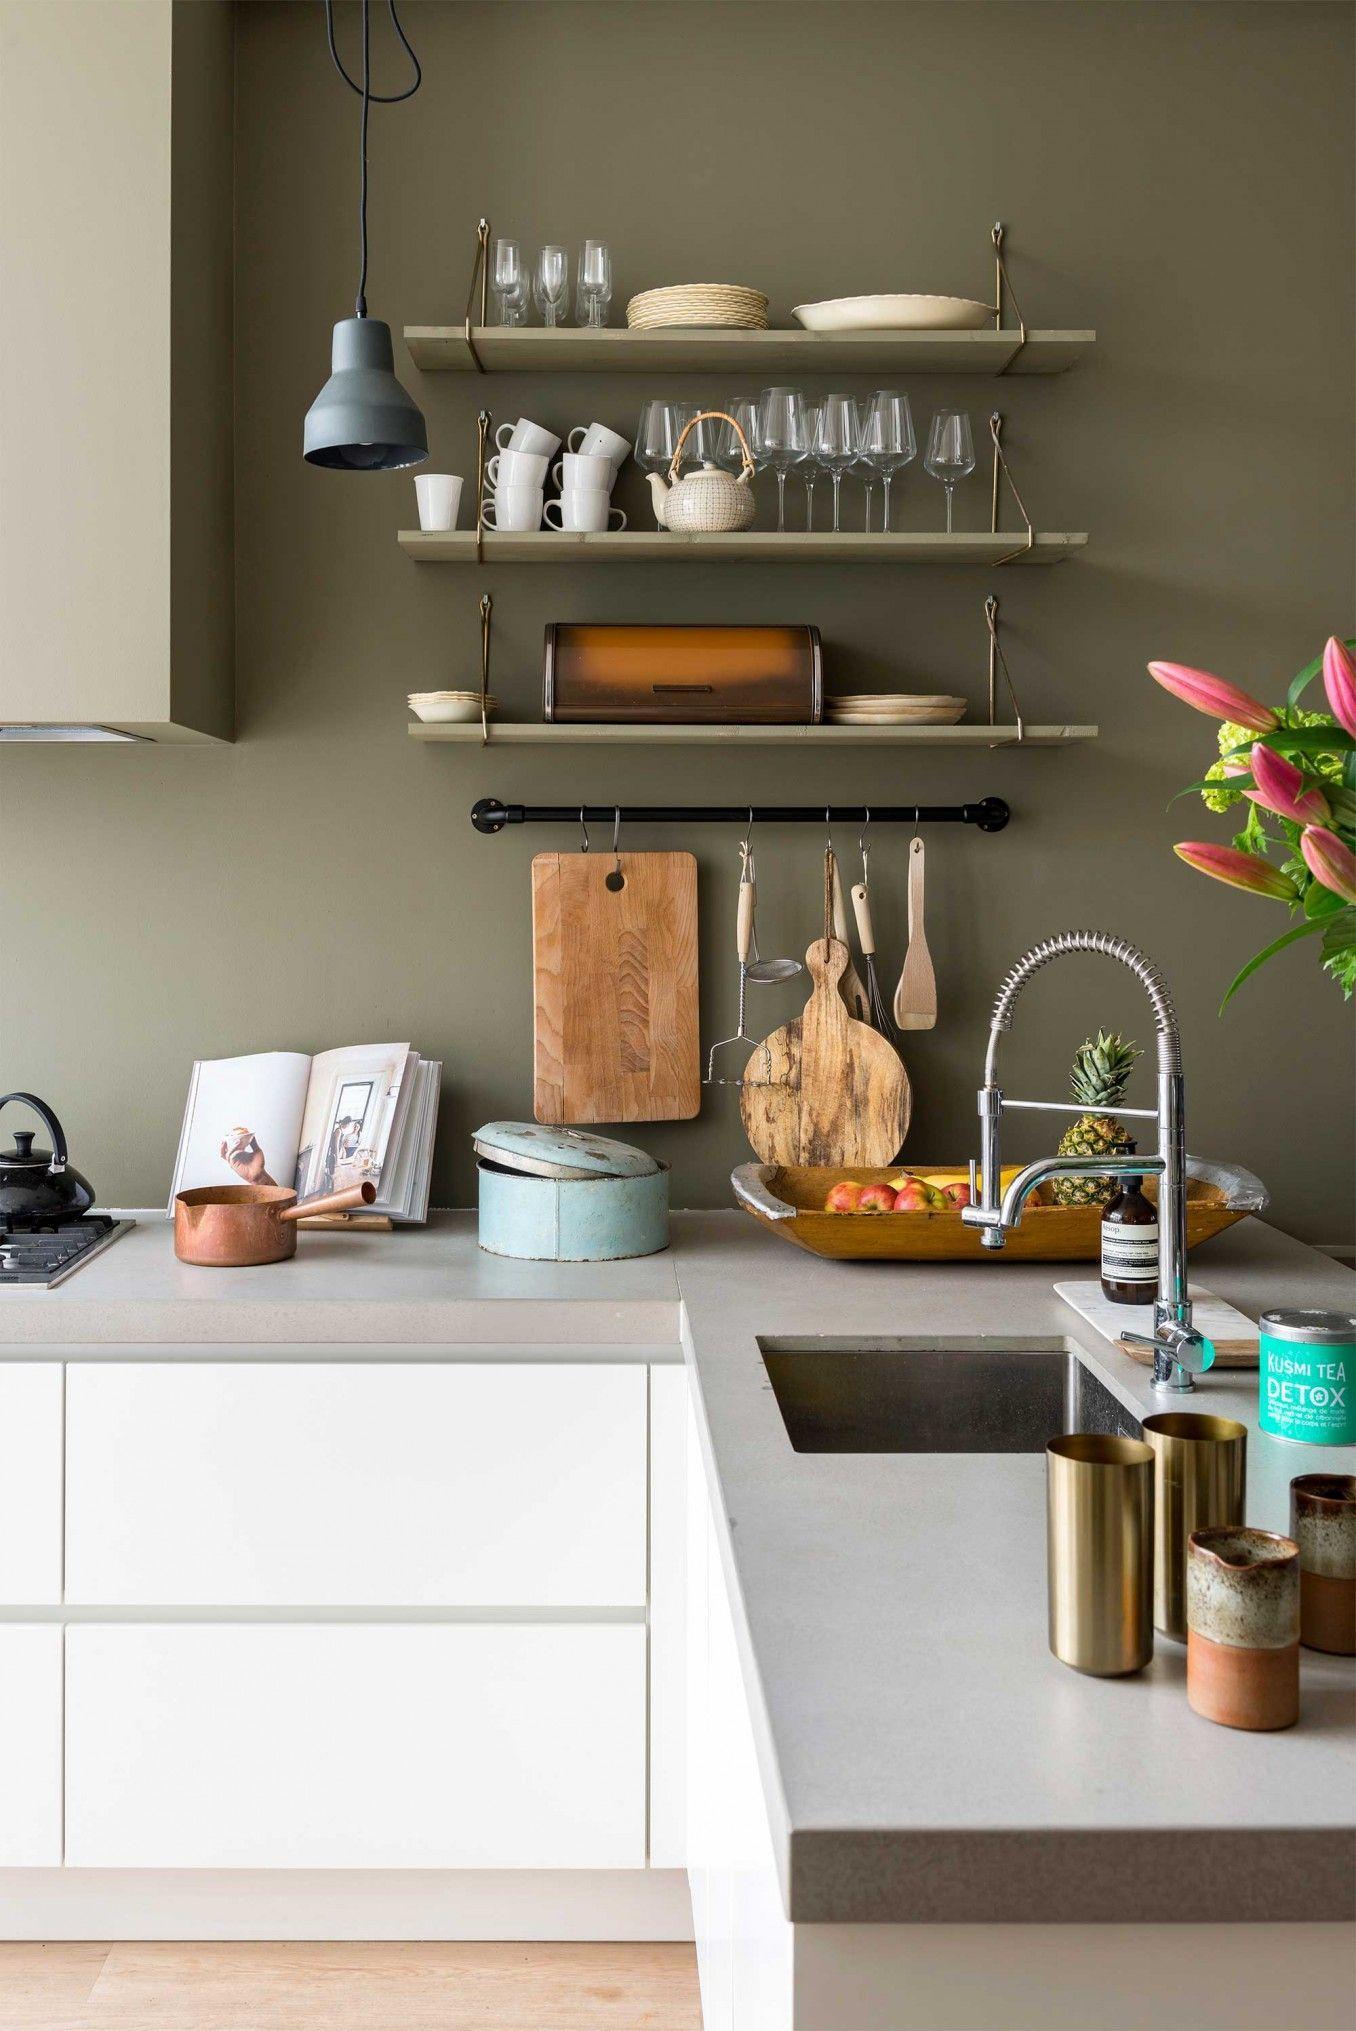 White and green kitchen Kitchen interior, Green kitchen